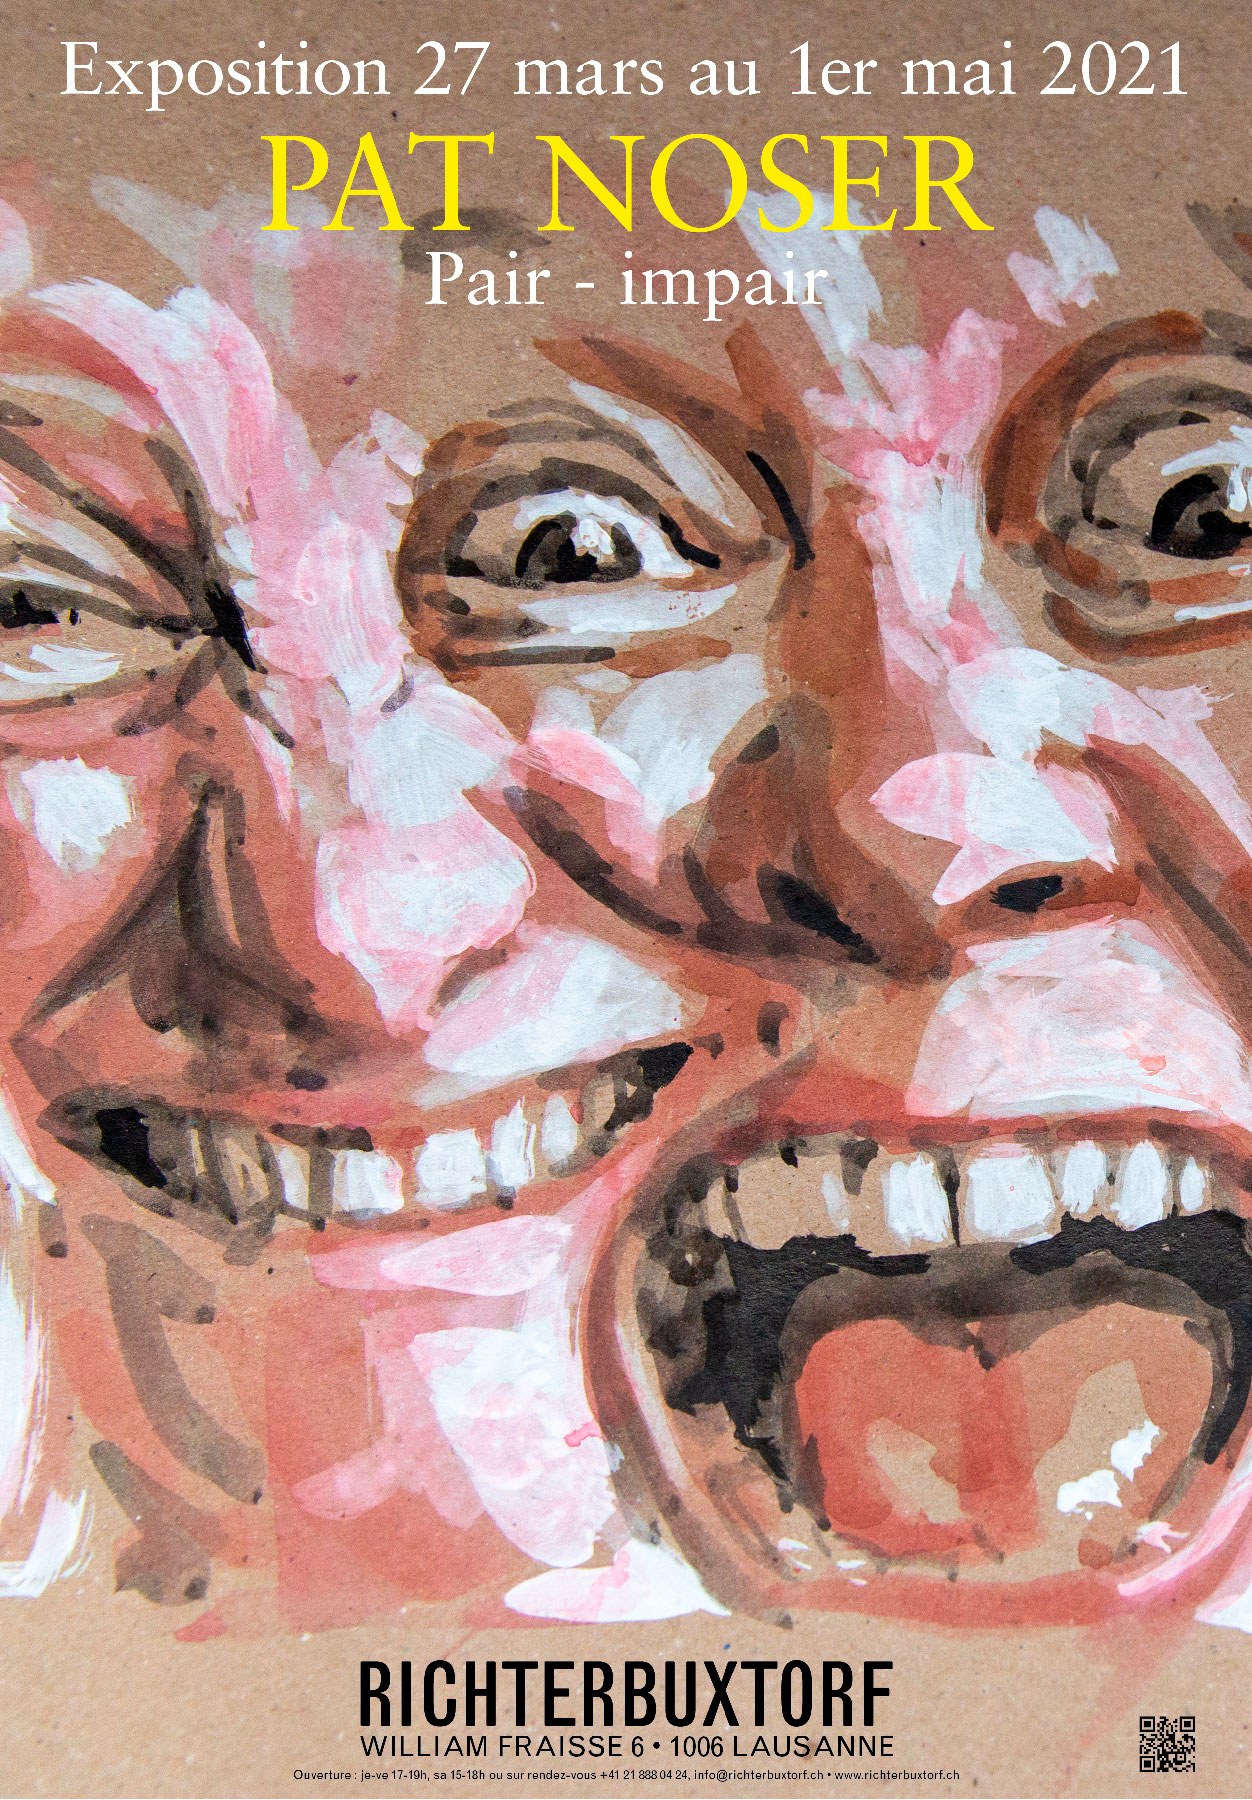 Première exposition Pat Noser en Suisse romande